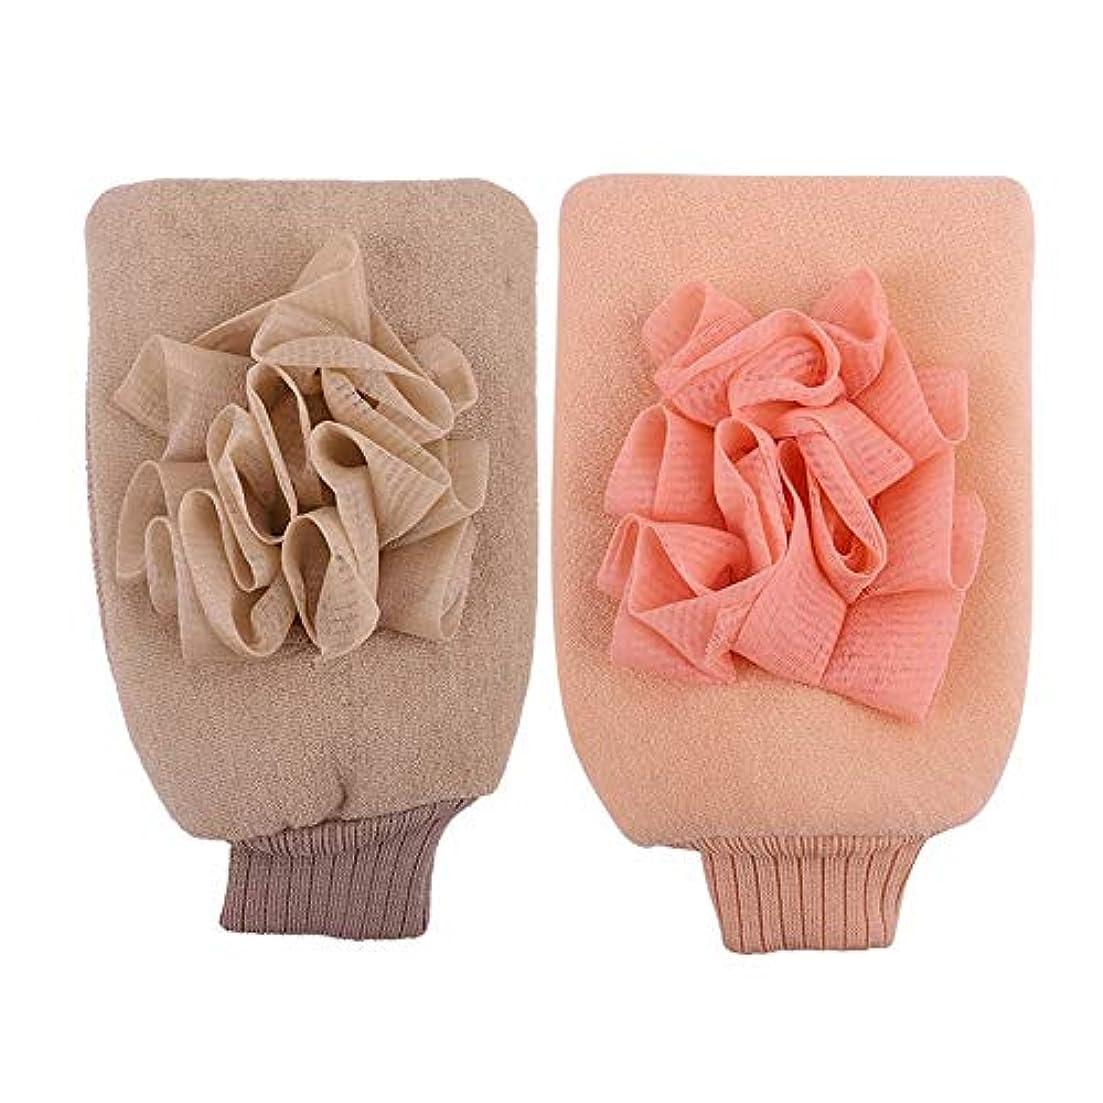 囲むまだら乗り出すBTXXYJP お風呂用手袋 シャワー手袋 あかすり手袋 ボディブラシ やわらか ボディタオル バス用品 男女兼用 角質除去 (Color : Pink+beige)